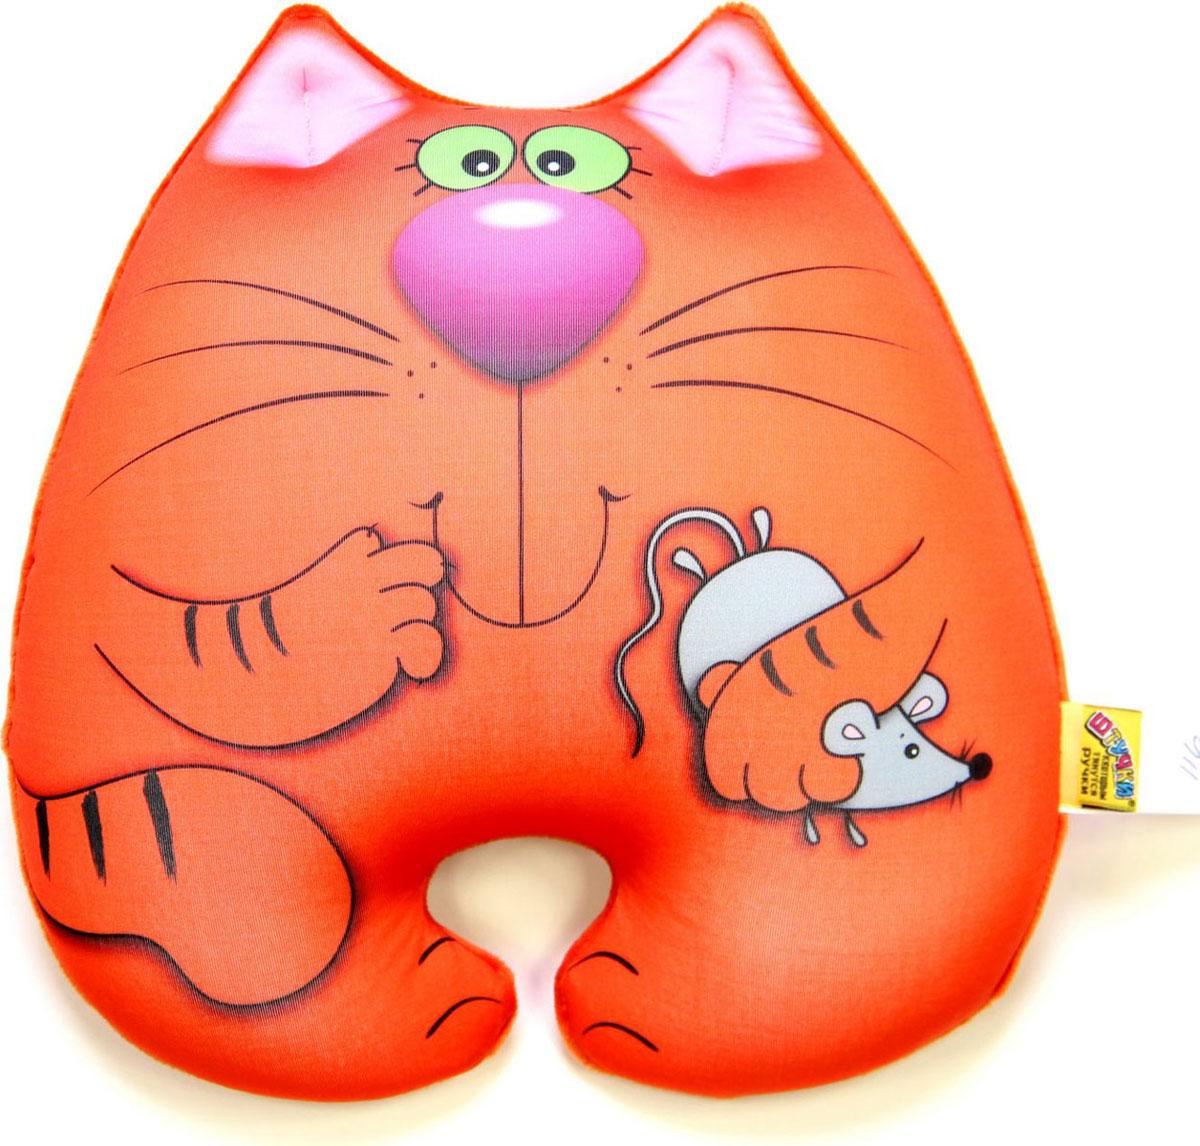 """Подушка-игрушка антистрессовая Штучки, к которым тянутся ручки """"Кот Мышкин"""". 15аси22ив-1"""